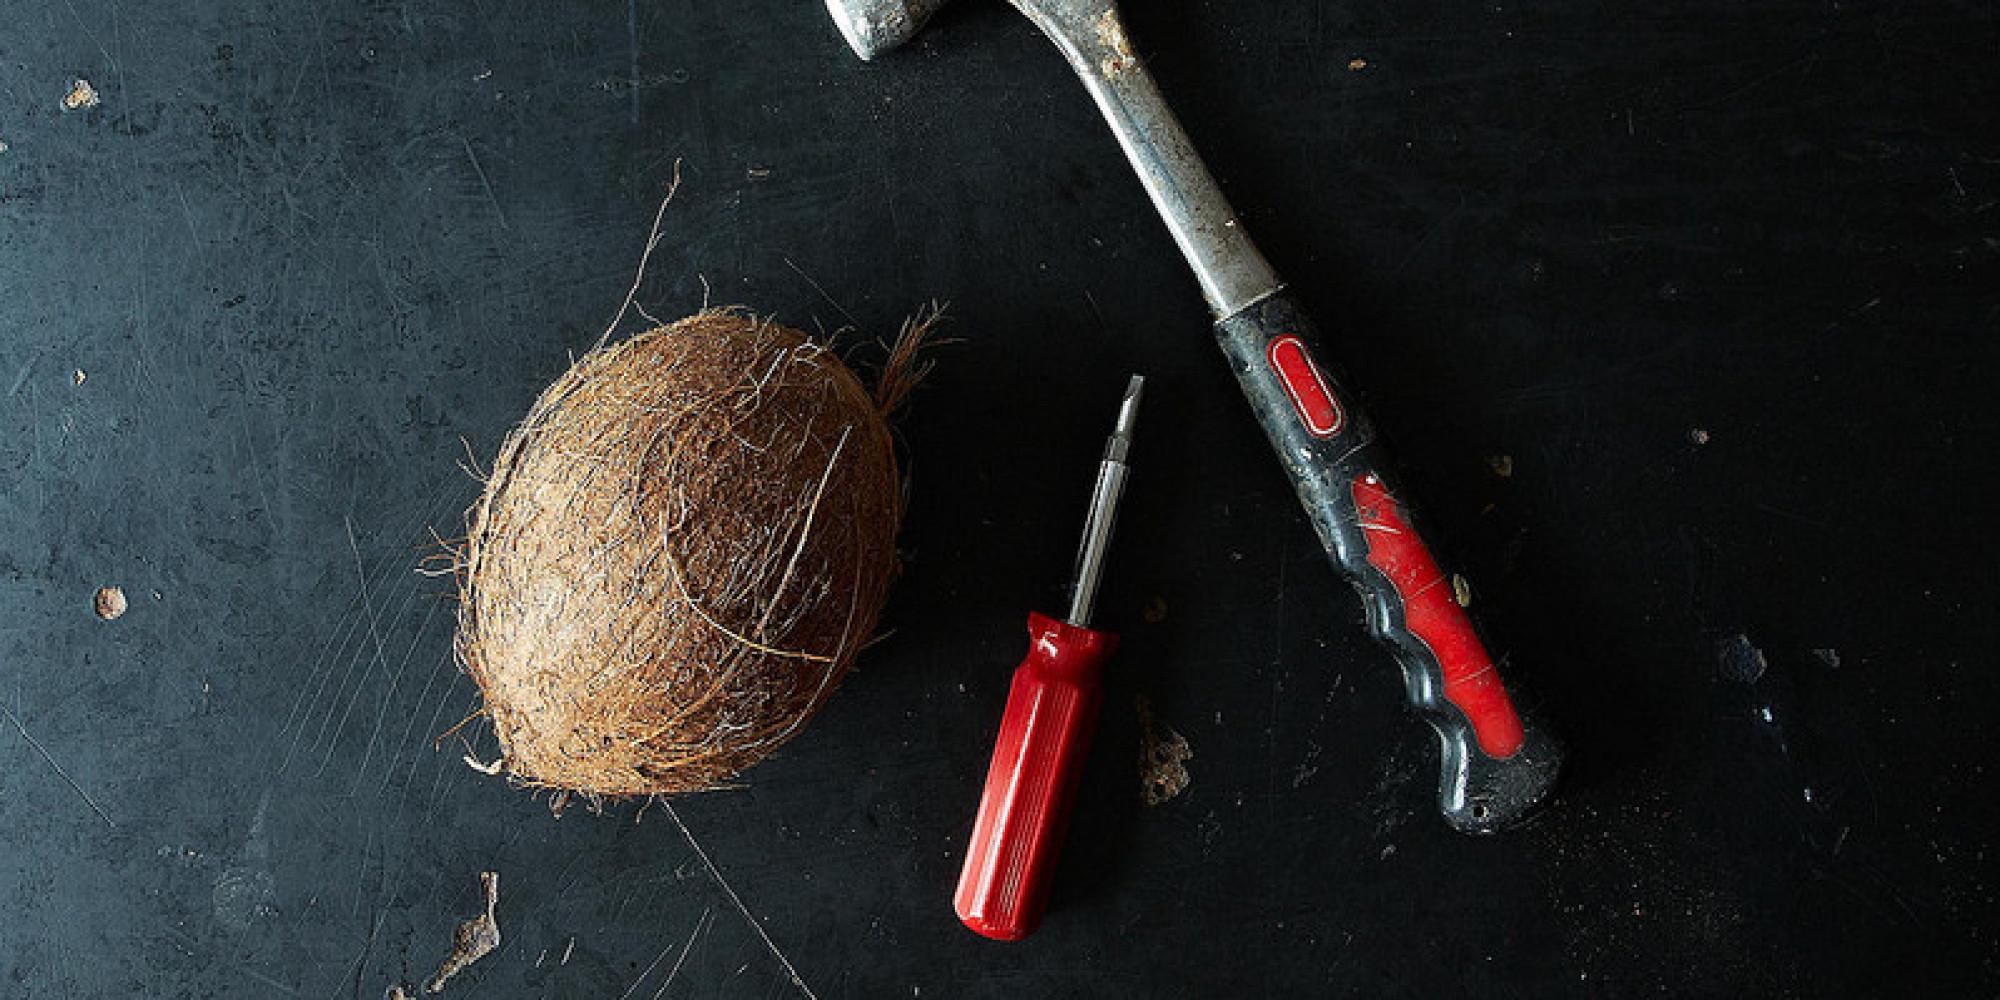 Как расколоть кокос в домашних условиях: инструкция 74